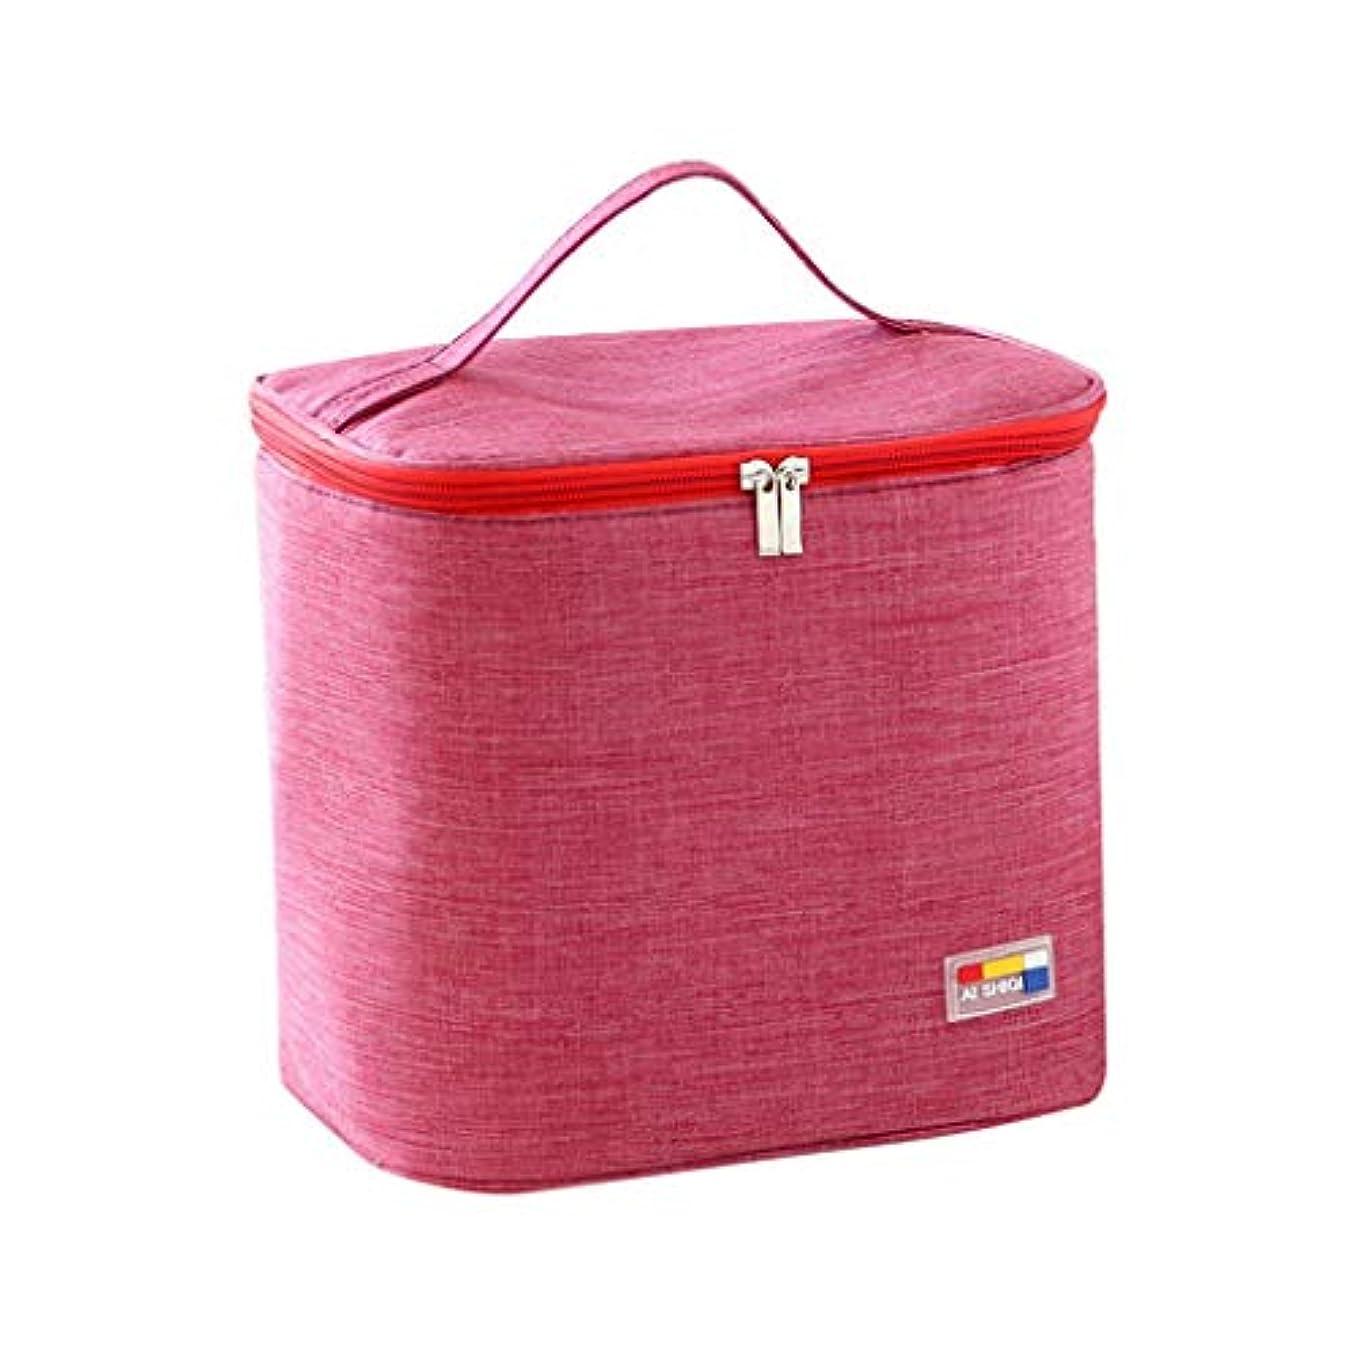 専用ランチバッグトートバッグ断熱性を向上キャンプに適していますシンプルなバッグイージーファッション絶縁バッグ冷蔵バッグポケットを描く冷却ハンドバッグ防水ハンドバッグ (A)